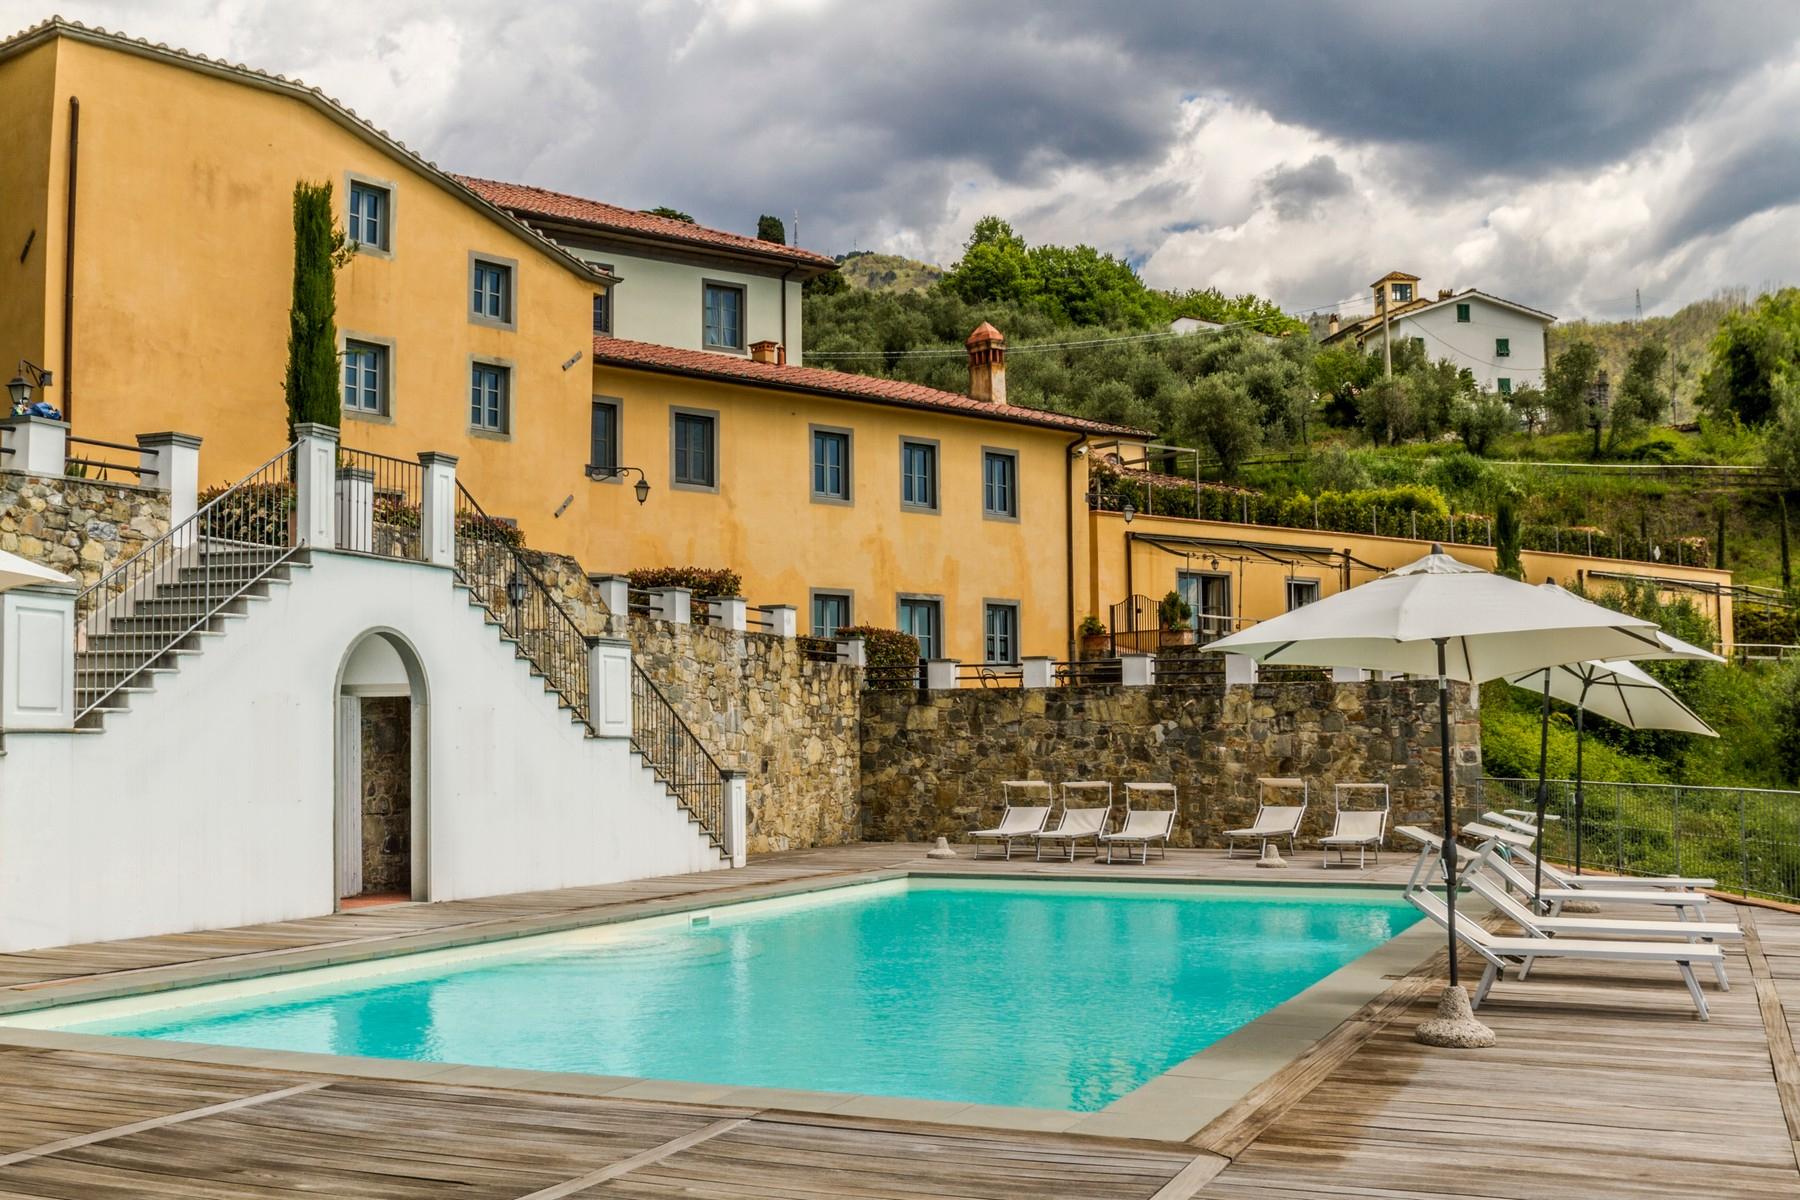 Appartamento in Vendita a Capannori: 2 locali, 67 mq